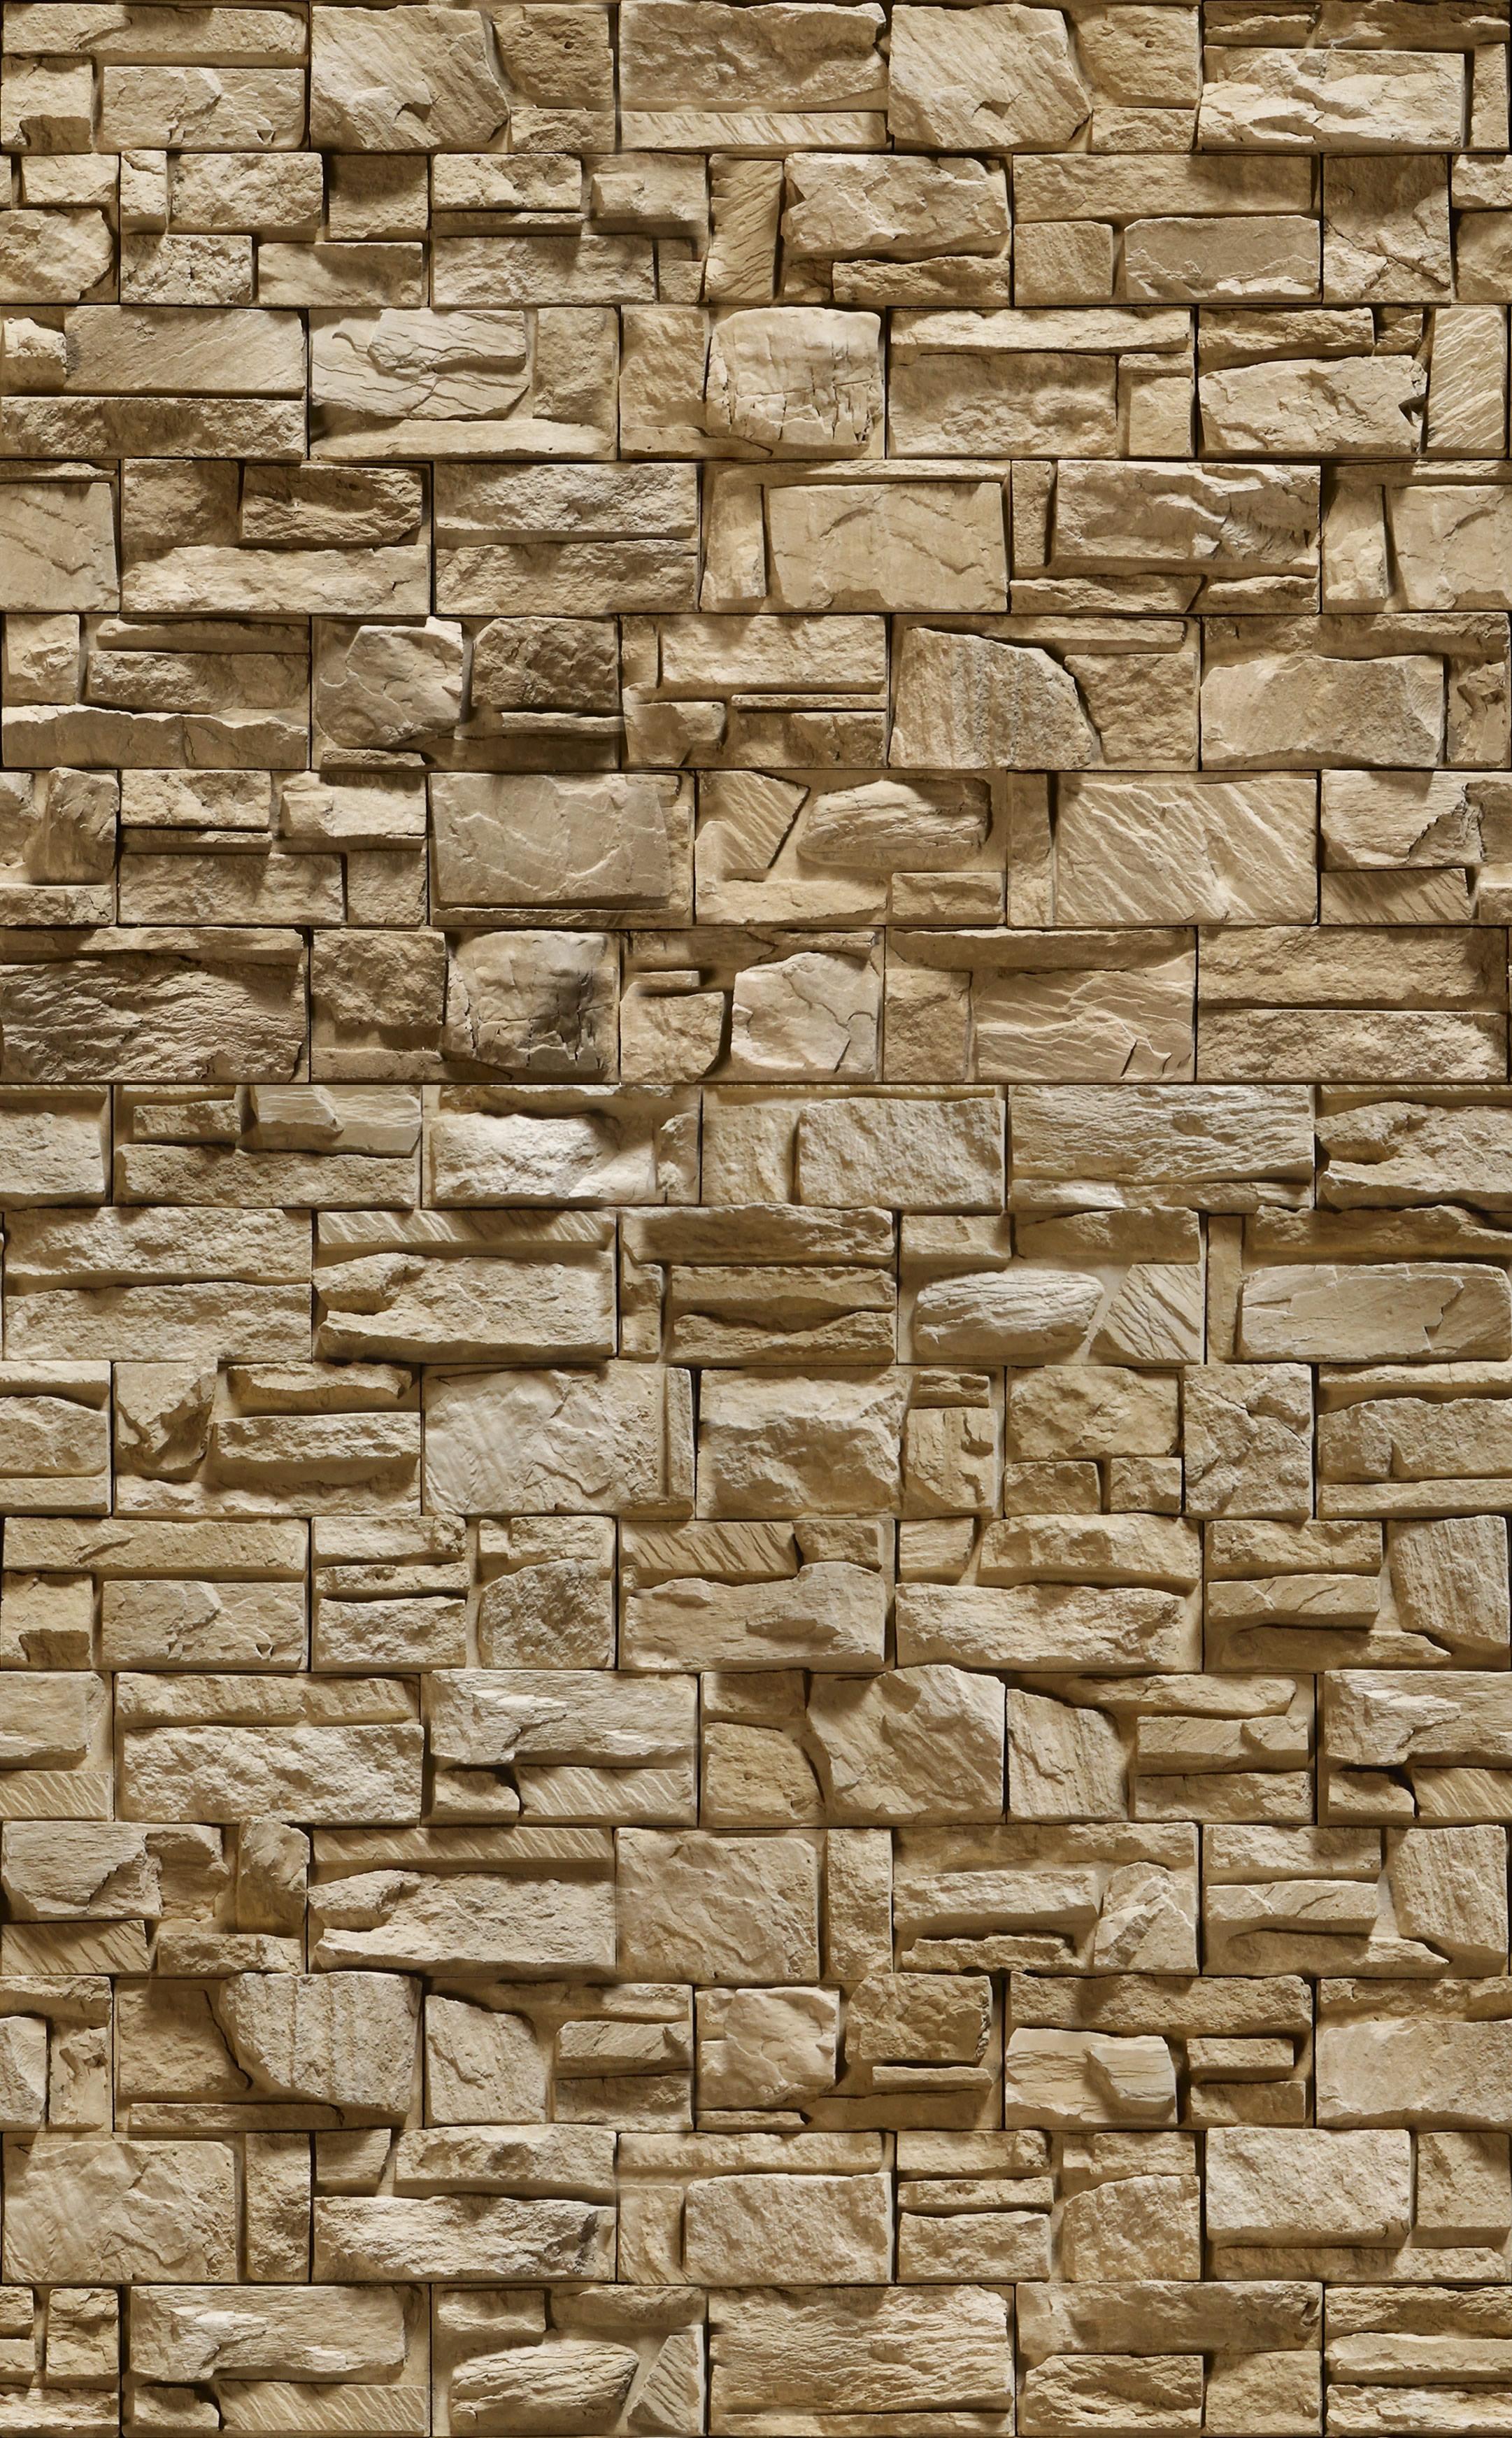 Stone Elevation Images : Papel de parede pedra canjiquinha crie decore elo